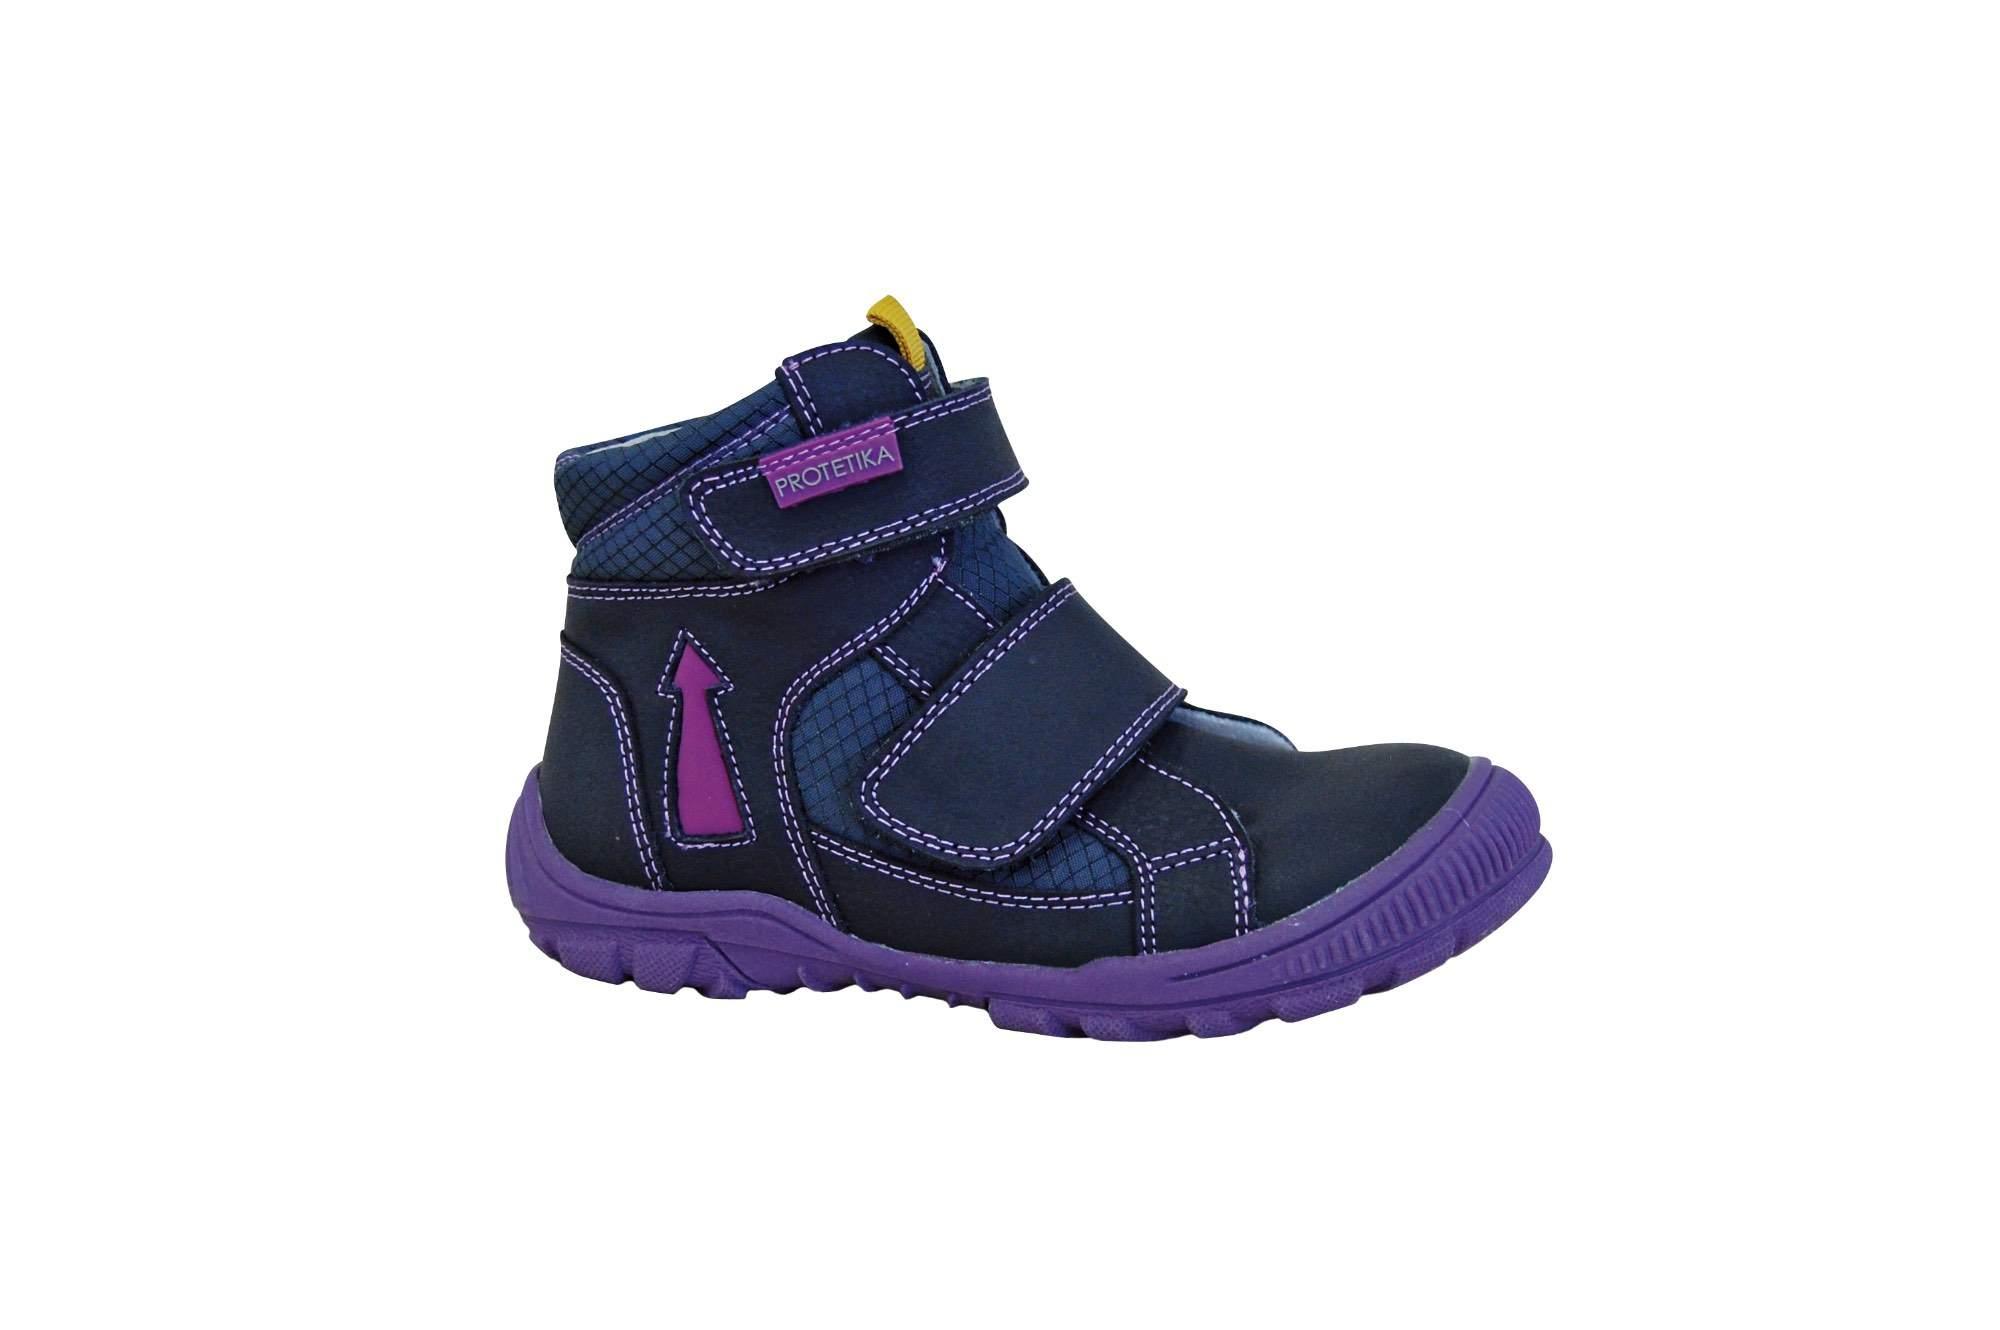 Dívčí kotníčkové boty Protetika Lupita - vel.27  d0acc03480